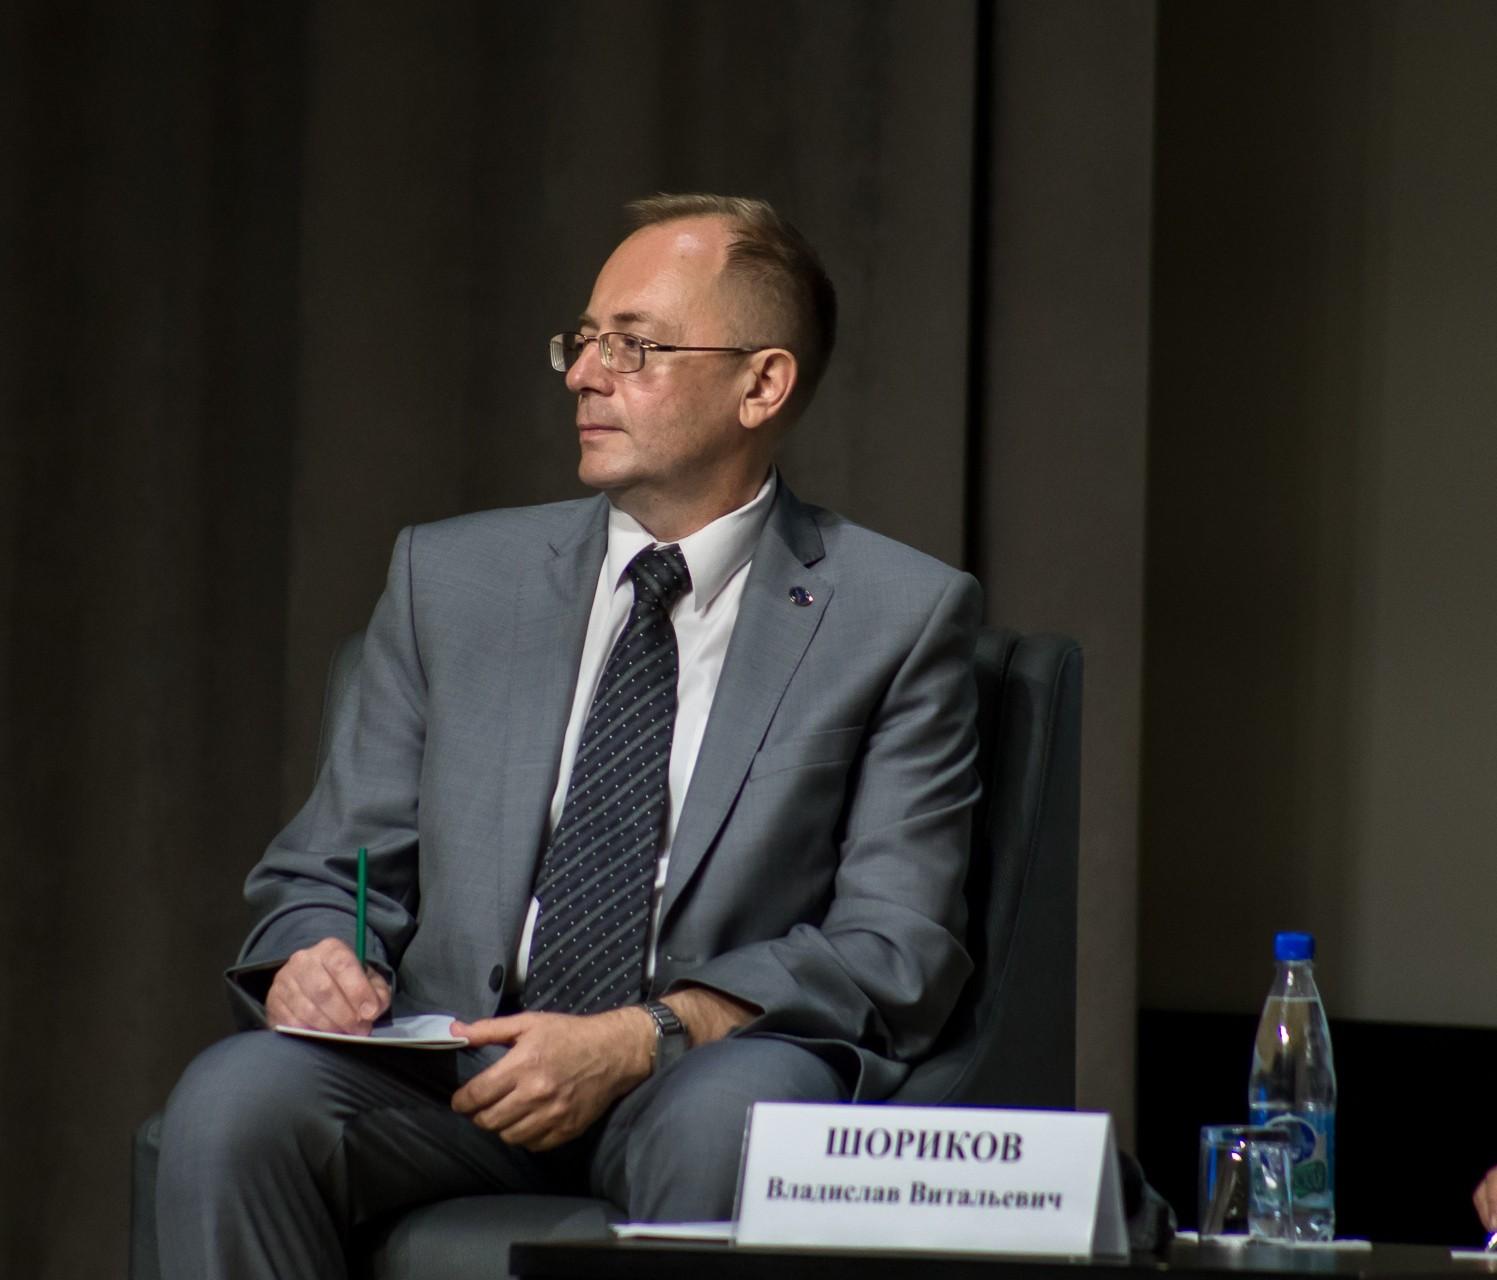 Владислав Шориков: В новой транспортно системе нужно найти место всем